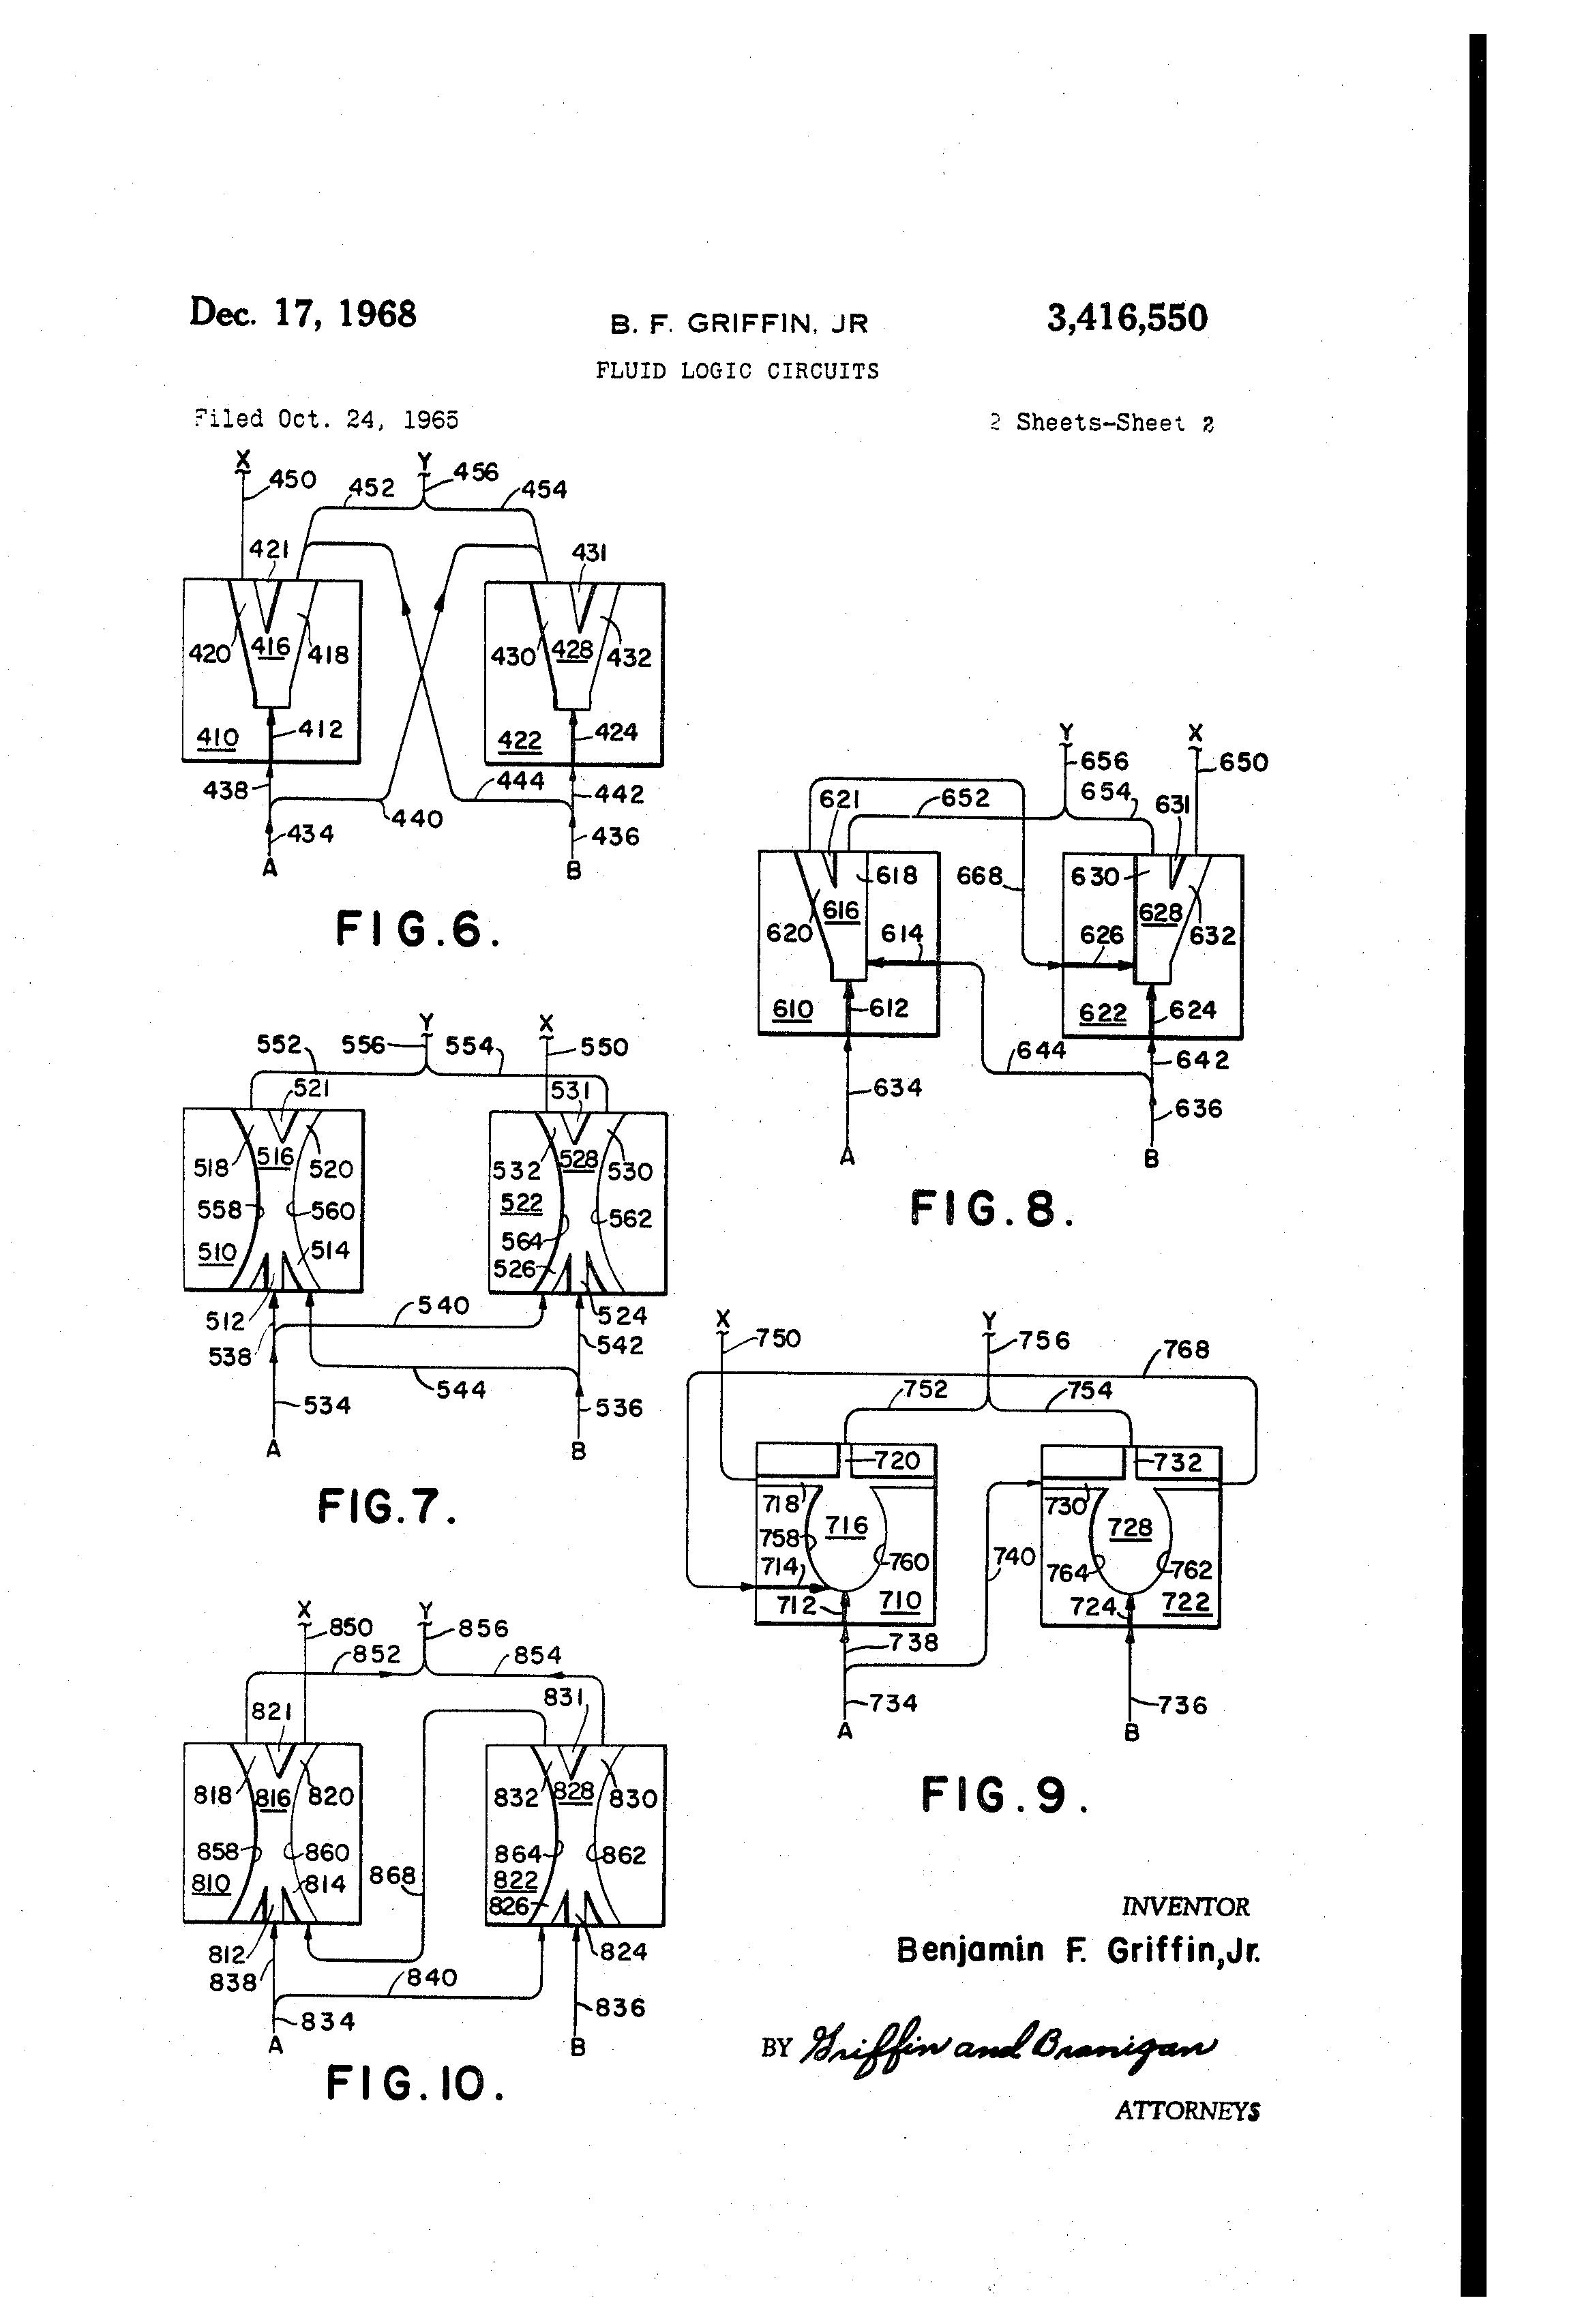 logic diagram half adder wiring diagram database 3-Way Wiring Diagram patent us3416550 fluid logic circuits patents for an adder logic diagram logic diagram half adder